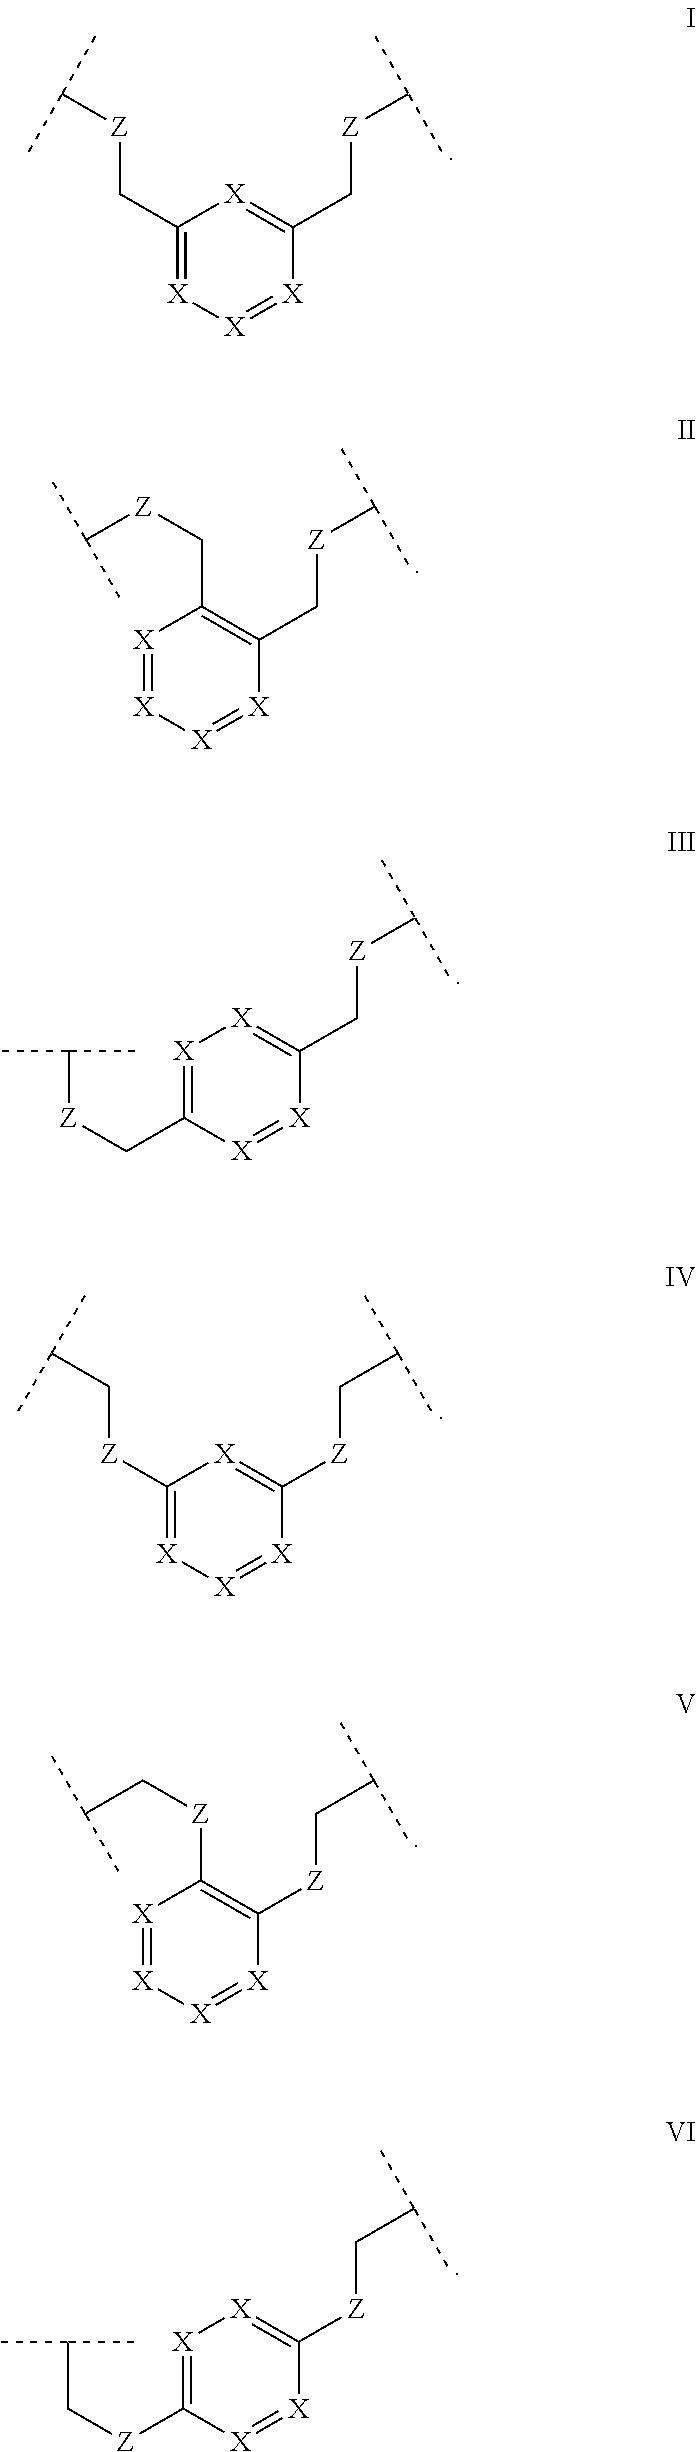 Figure US09644004-20170509-C00005